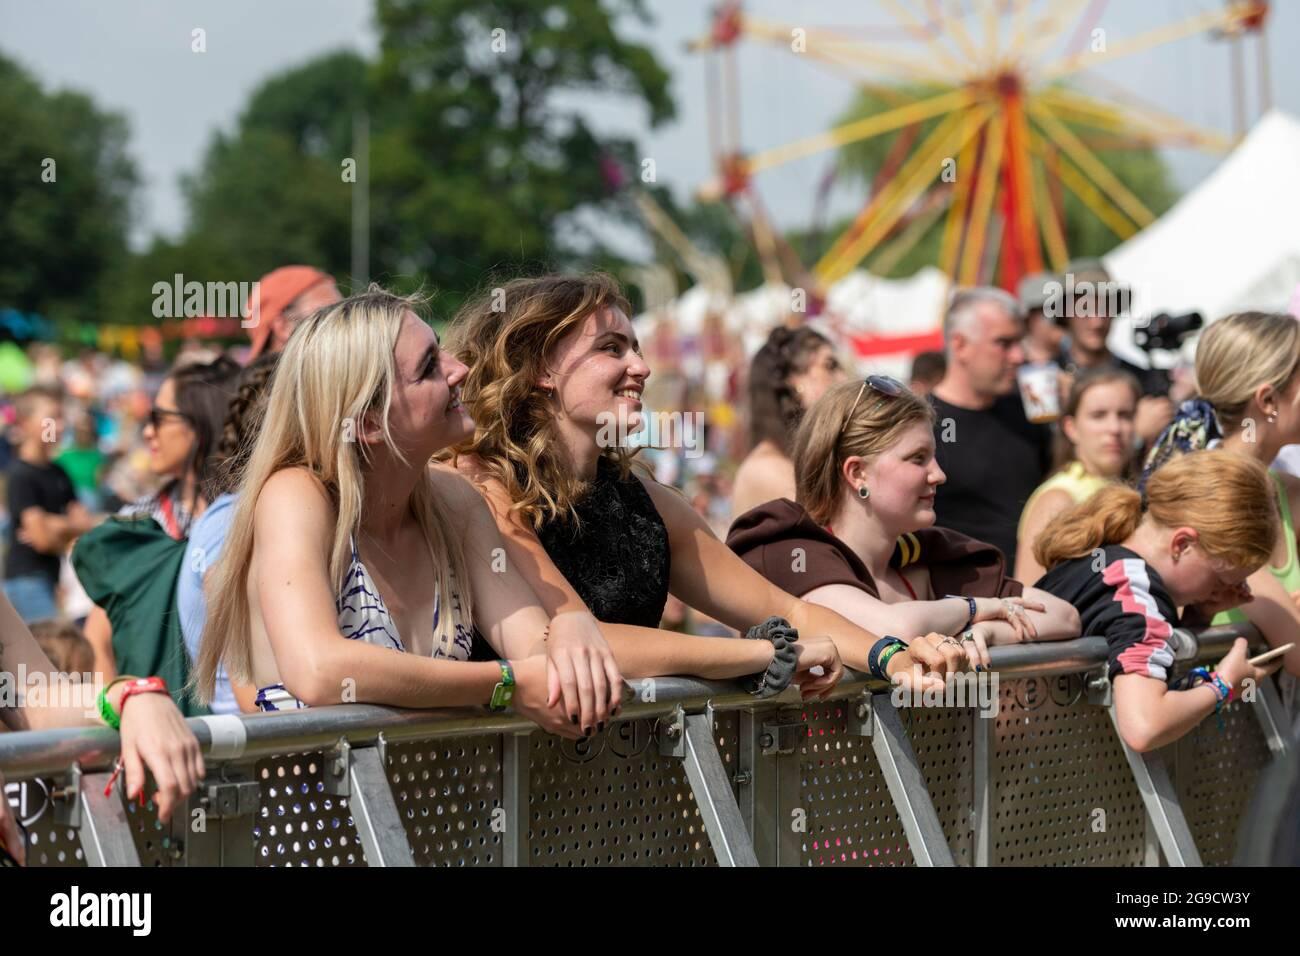 Standon, Hertfordshire, Royaume-Uni. 25 juillet 2021. Les fans de musique au festival de musique d'appel Standon qui se tient ce week-end. Il s'agit de l'un des premiers festivals à avoir lieu après la détente des restrictions Covid au Royaume-Uni et les participants ont dû passer un test de flux latéral vérifié et enregistré par vidéo comme condition d'entrée. Crédit : Julian Eales/Alay Live News Banque D'Images